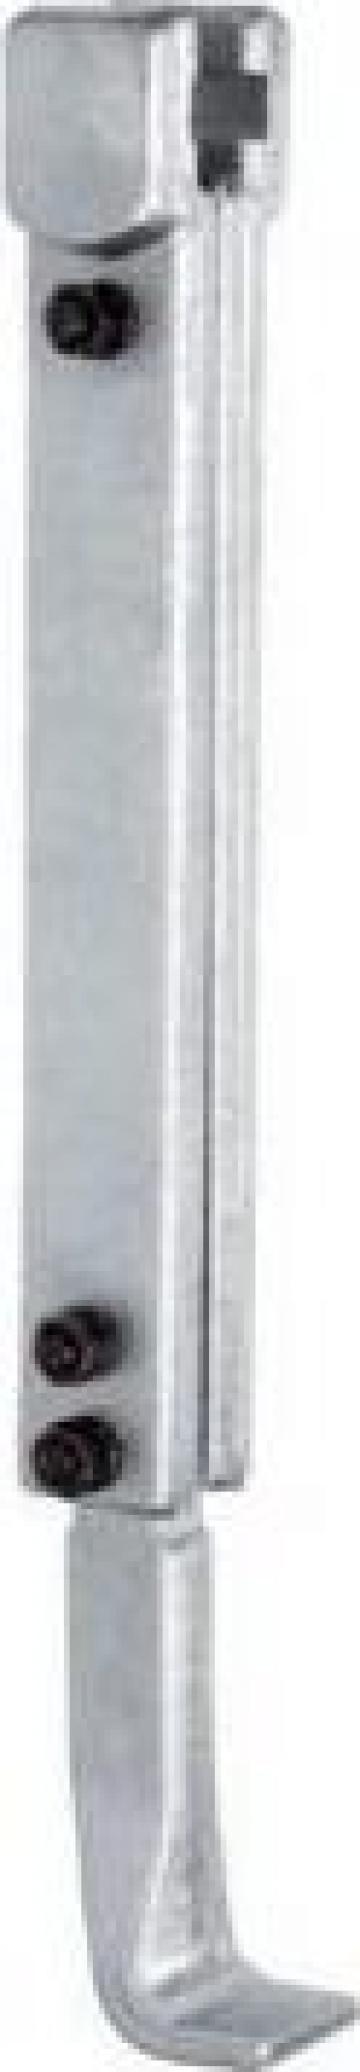 Brat prelungit pentru extractoare e190/b2 - 300 mm de la Proma Machinery Srl.